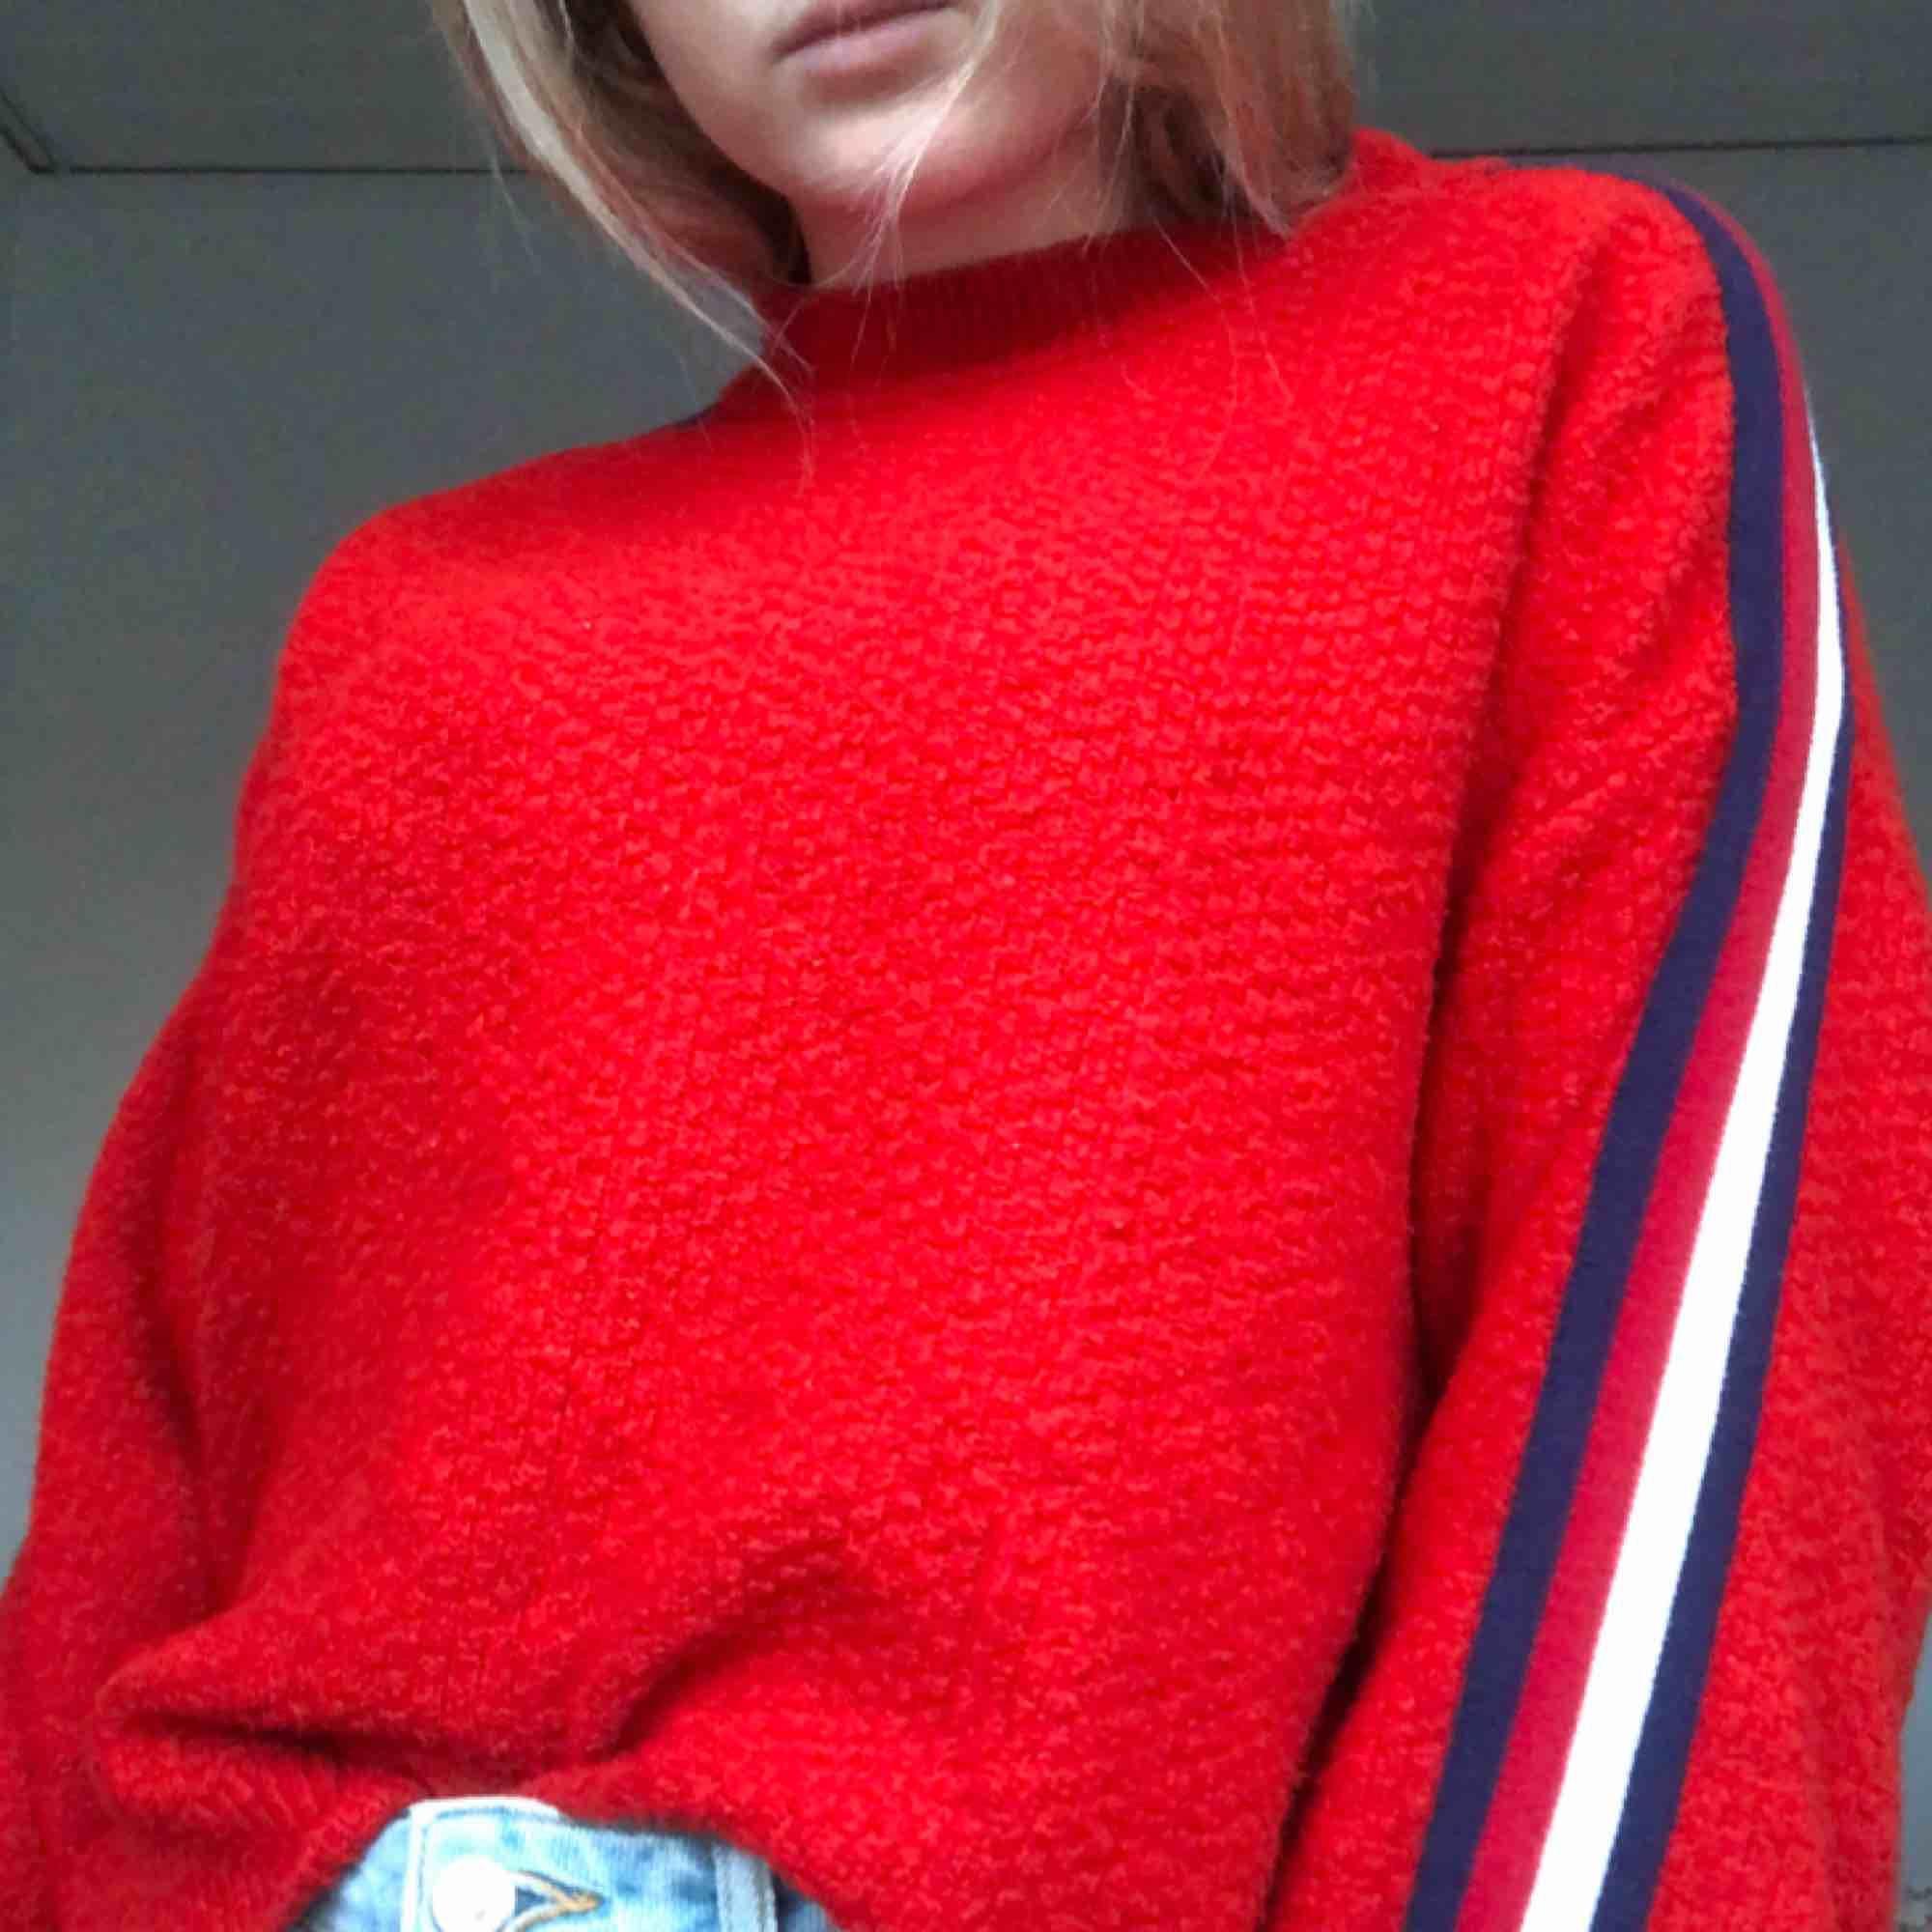 En röd stickad tröja med en blå och vit rand på varje arm. Vida armar. Den är i stl M men jag är däremot en S och den sitter jätte fint på mig. Köparen står för frakten som ligger på 60 kr☺️. Stickat.